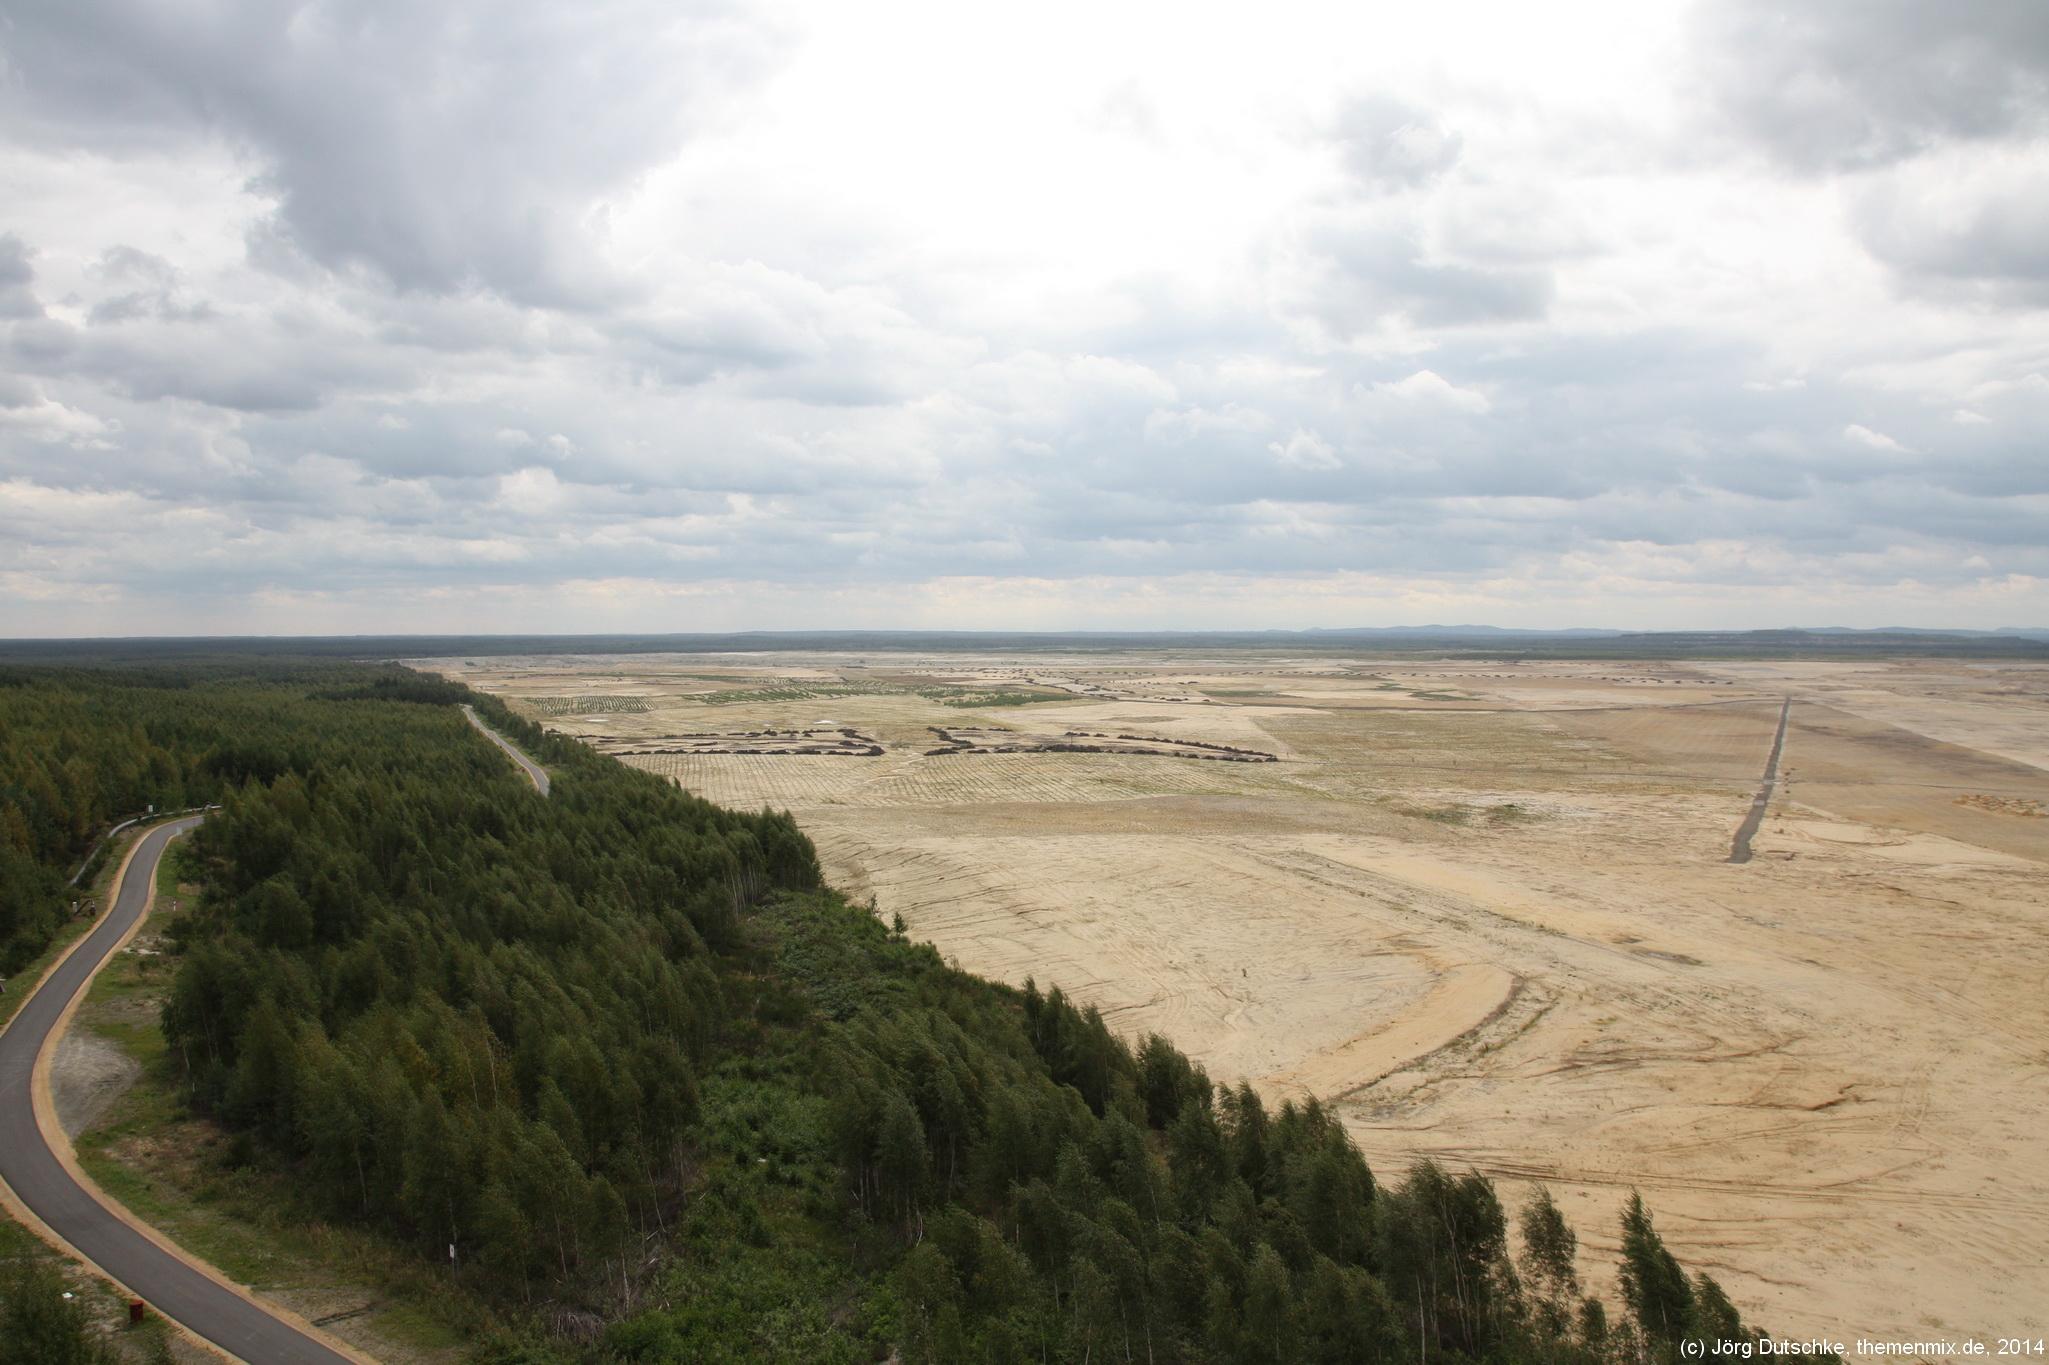 Schier endlos weit nur Ödnis: so sieht die Landschaft aus, wenn ein Braunkohlentagebau abgezogen ist.